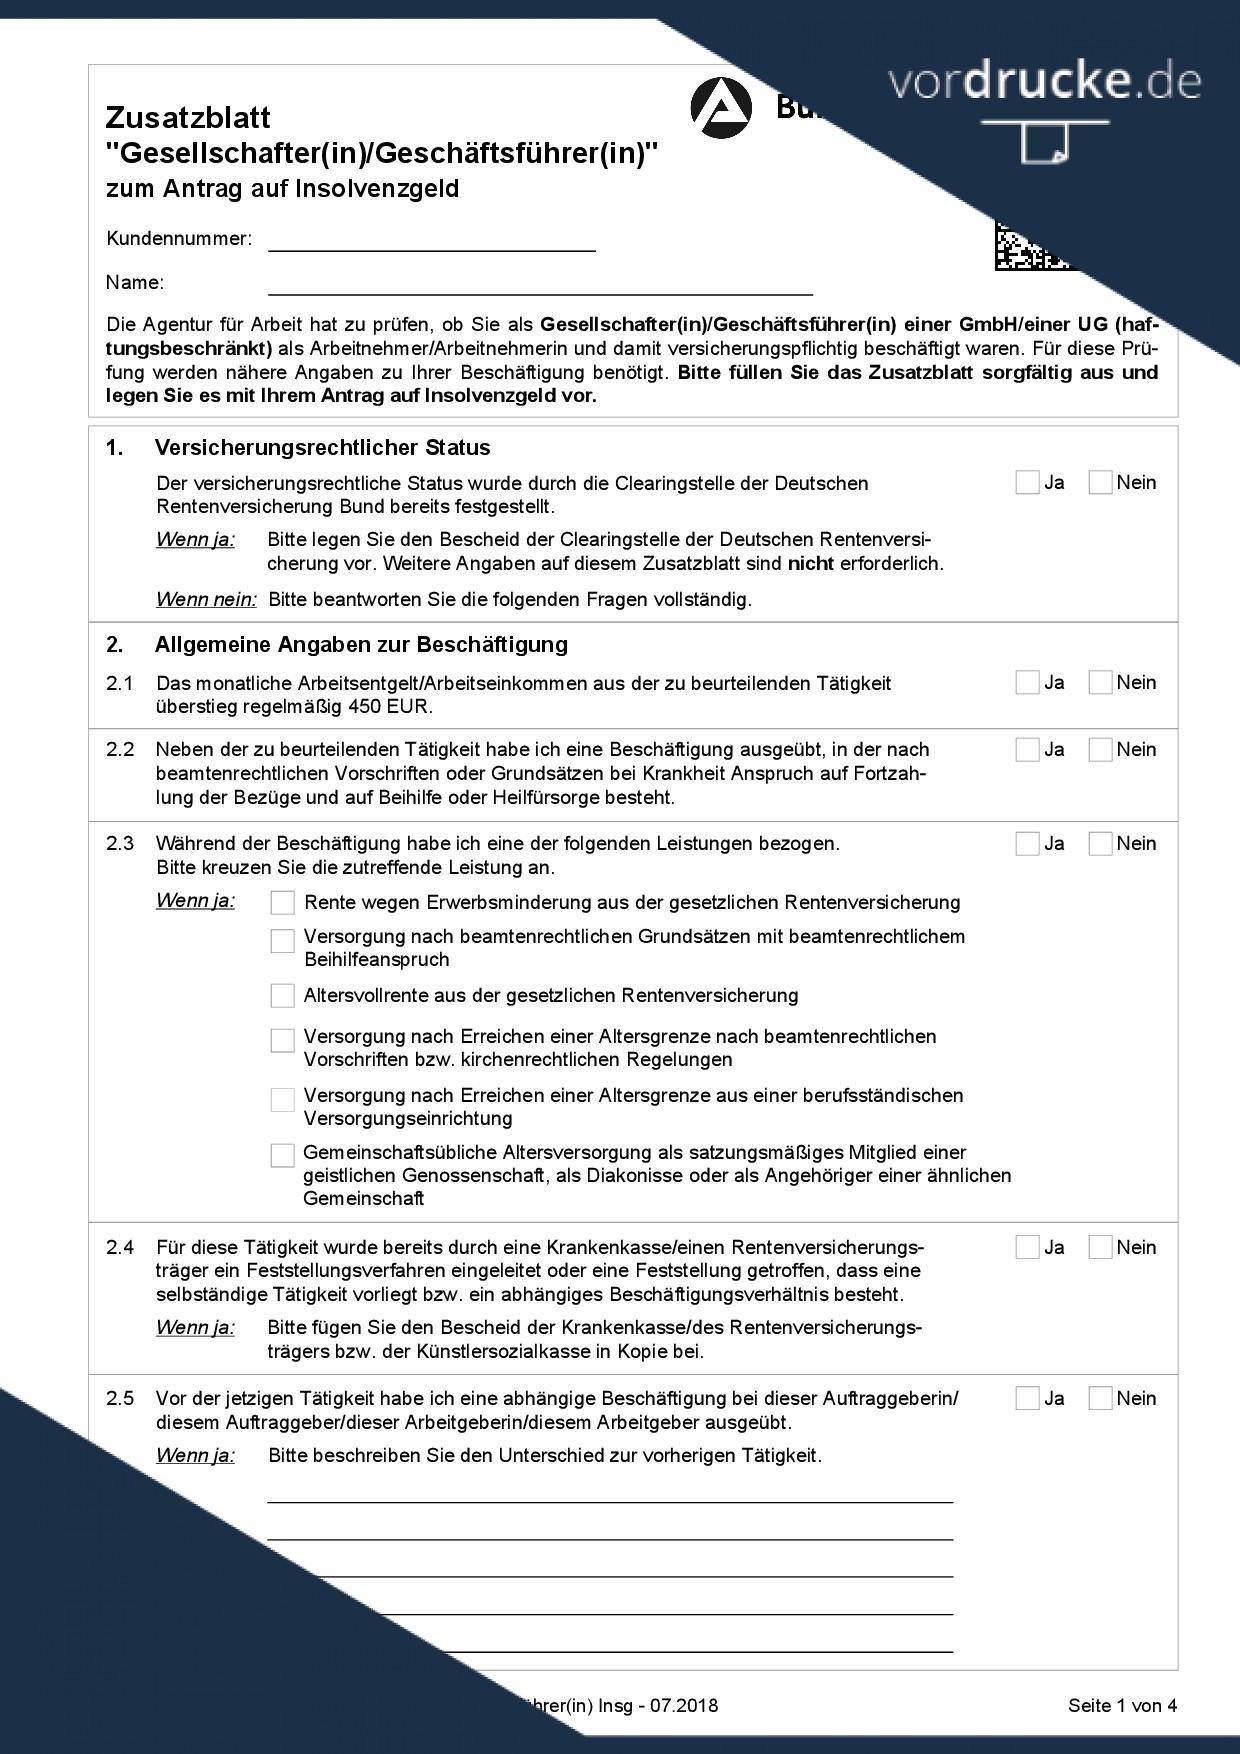 Zusatzblatt-für-Gesellschafter-und-Geschäftsführer-zum-Antrag-auf-Insolvenzgeld